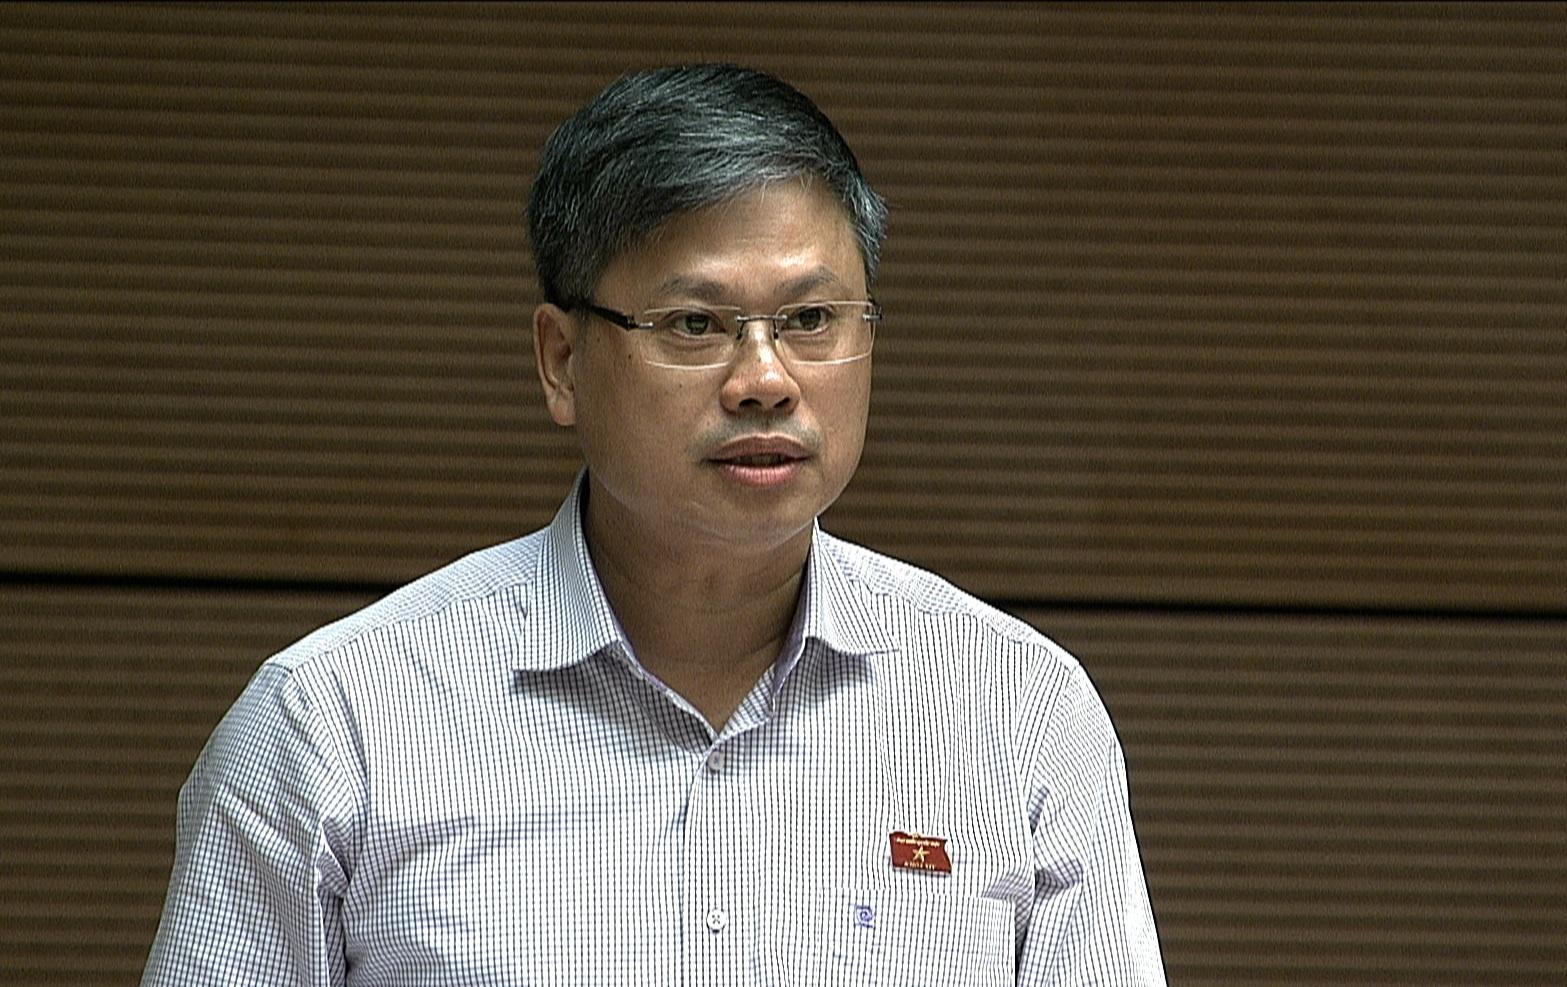 Bo truong Tai chinh dang tra loi chat van Quoc hoi anh 10